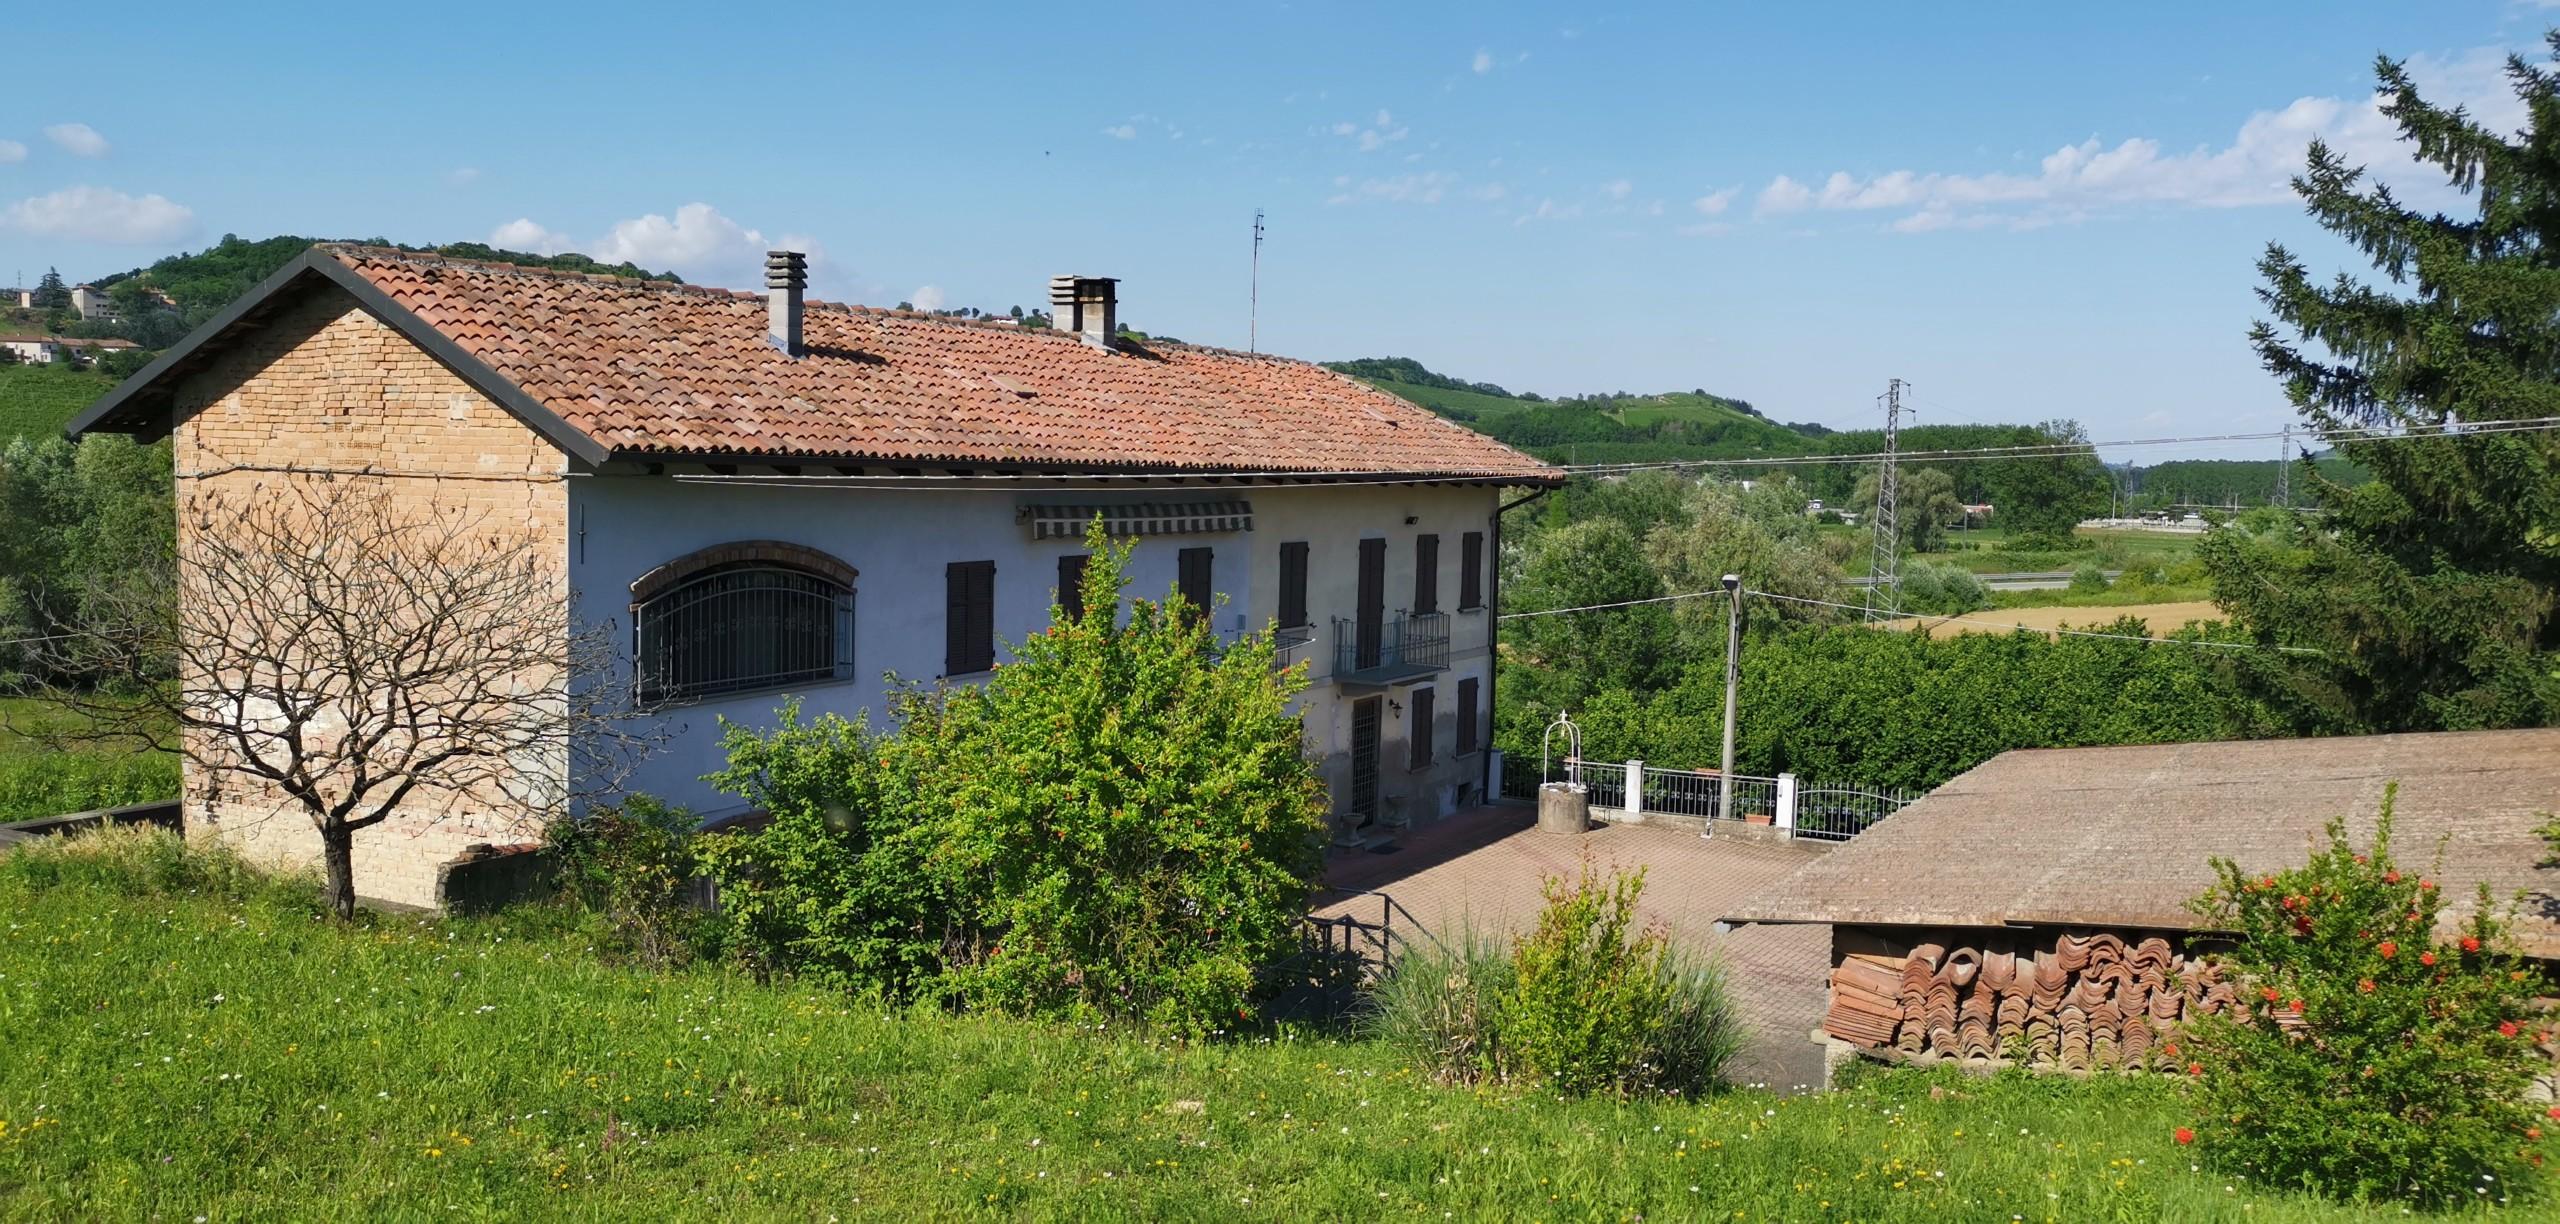 huis wijngaarden piemonte te koop